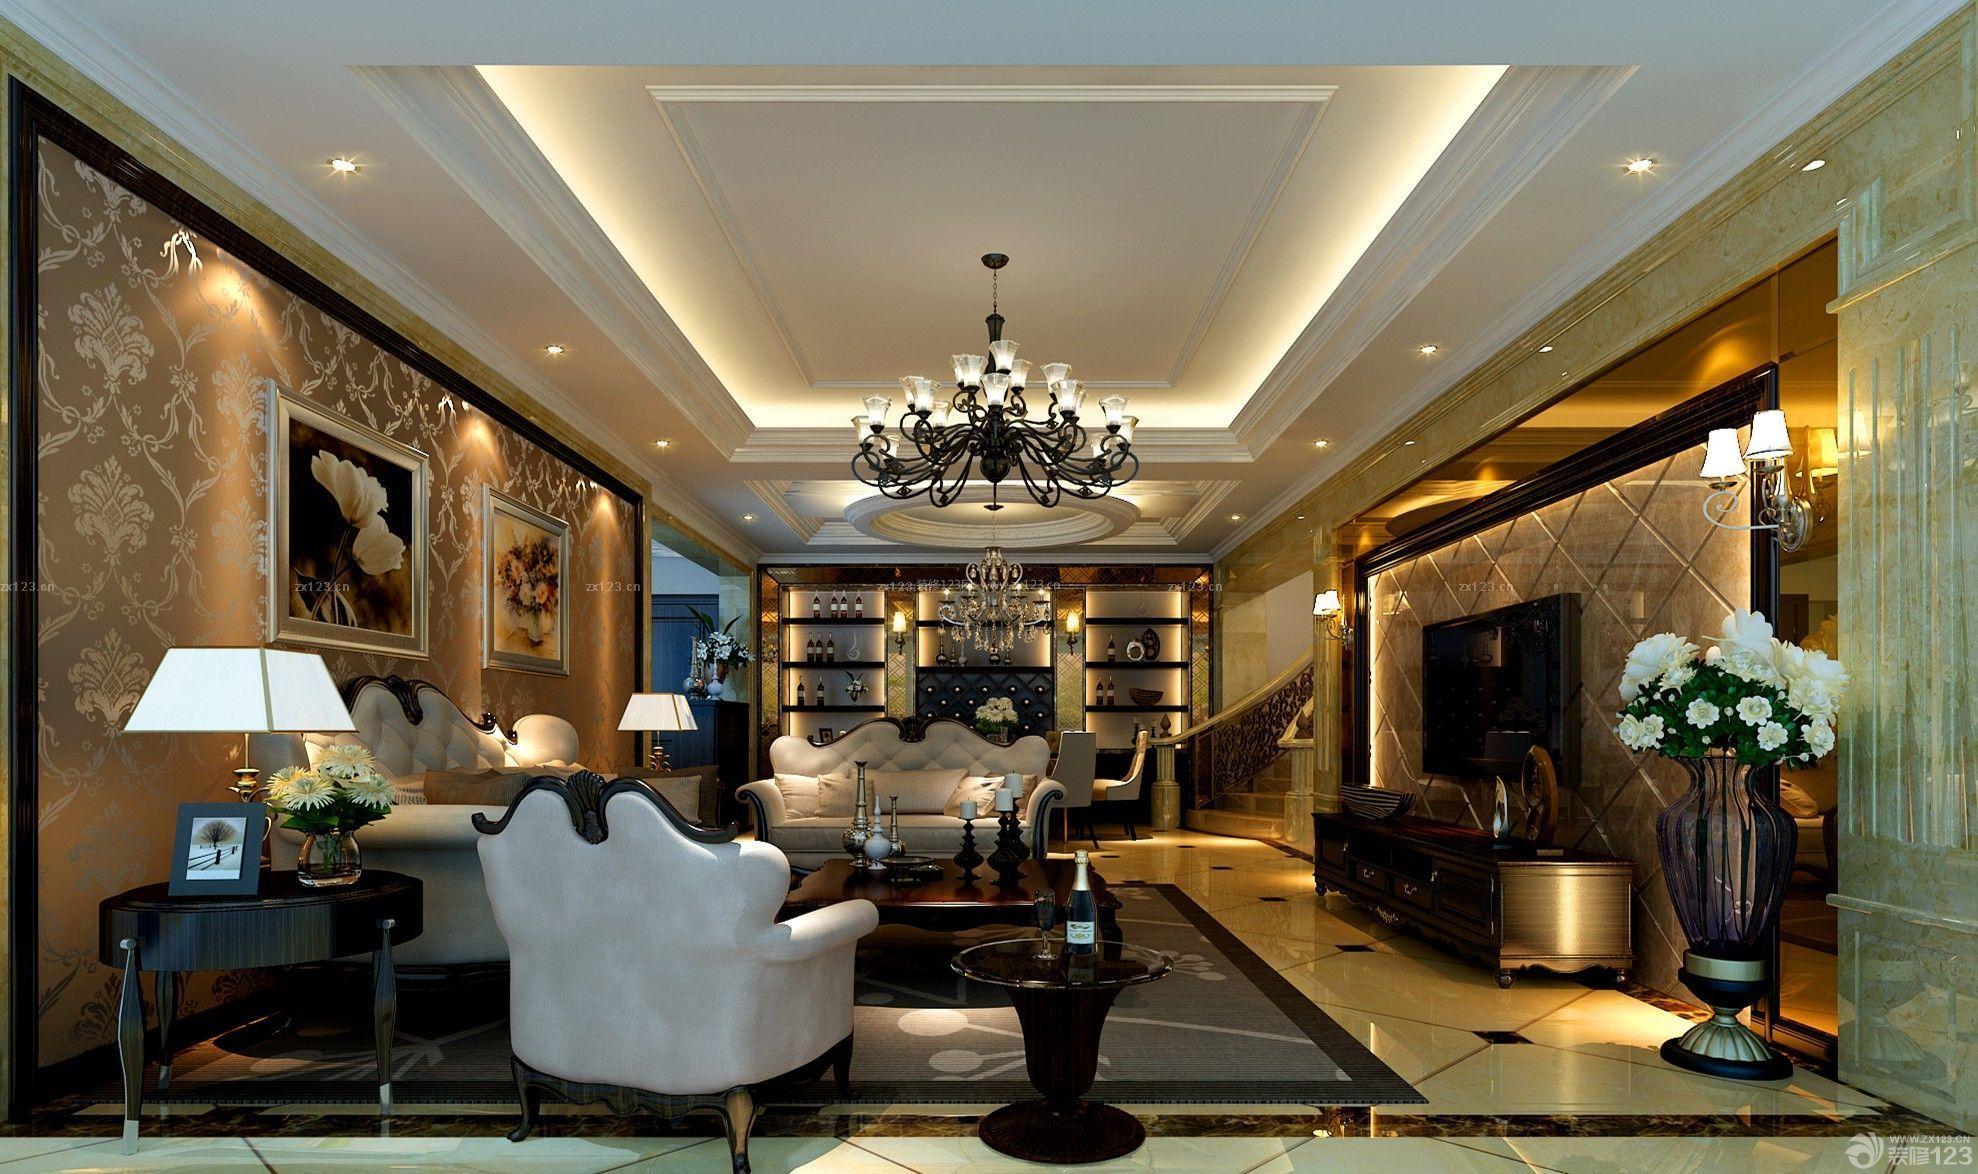 2014经典简欧风格楼中楼客厅吊顶设计图片